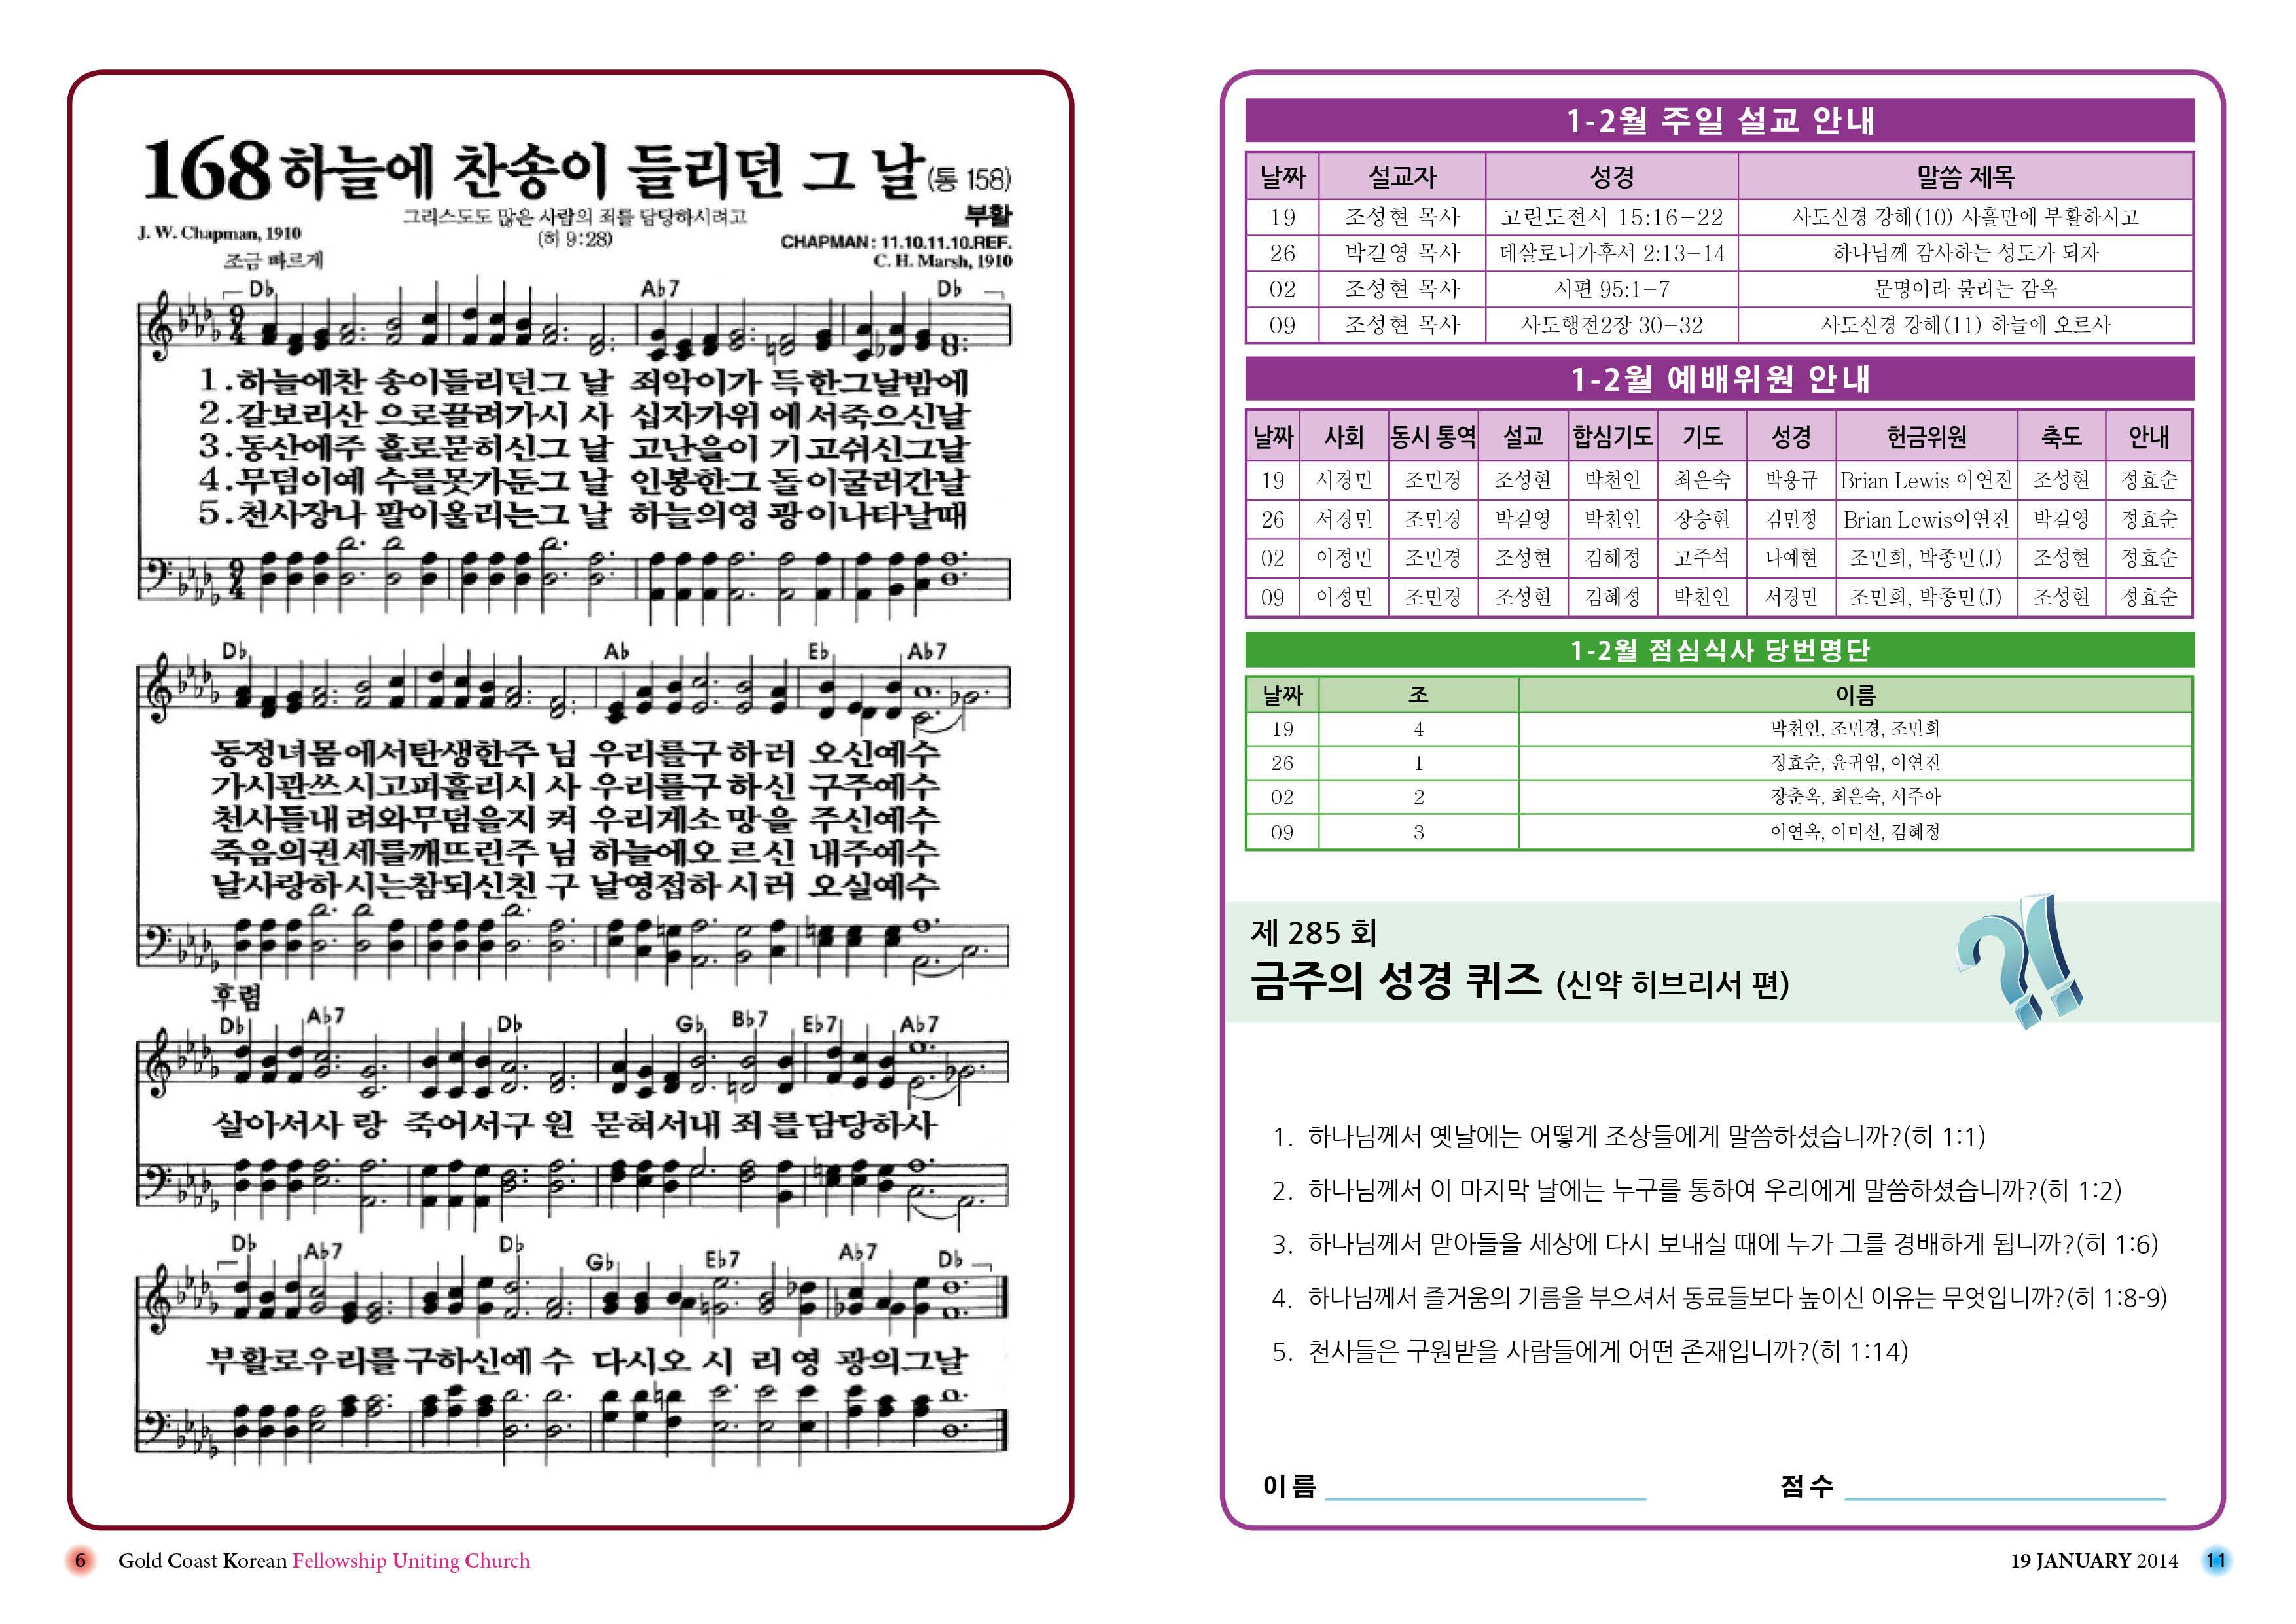 2014.01.19 주보 프린트(1차 수정)6.jpg